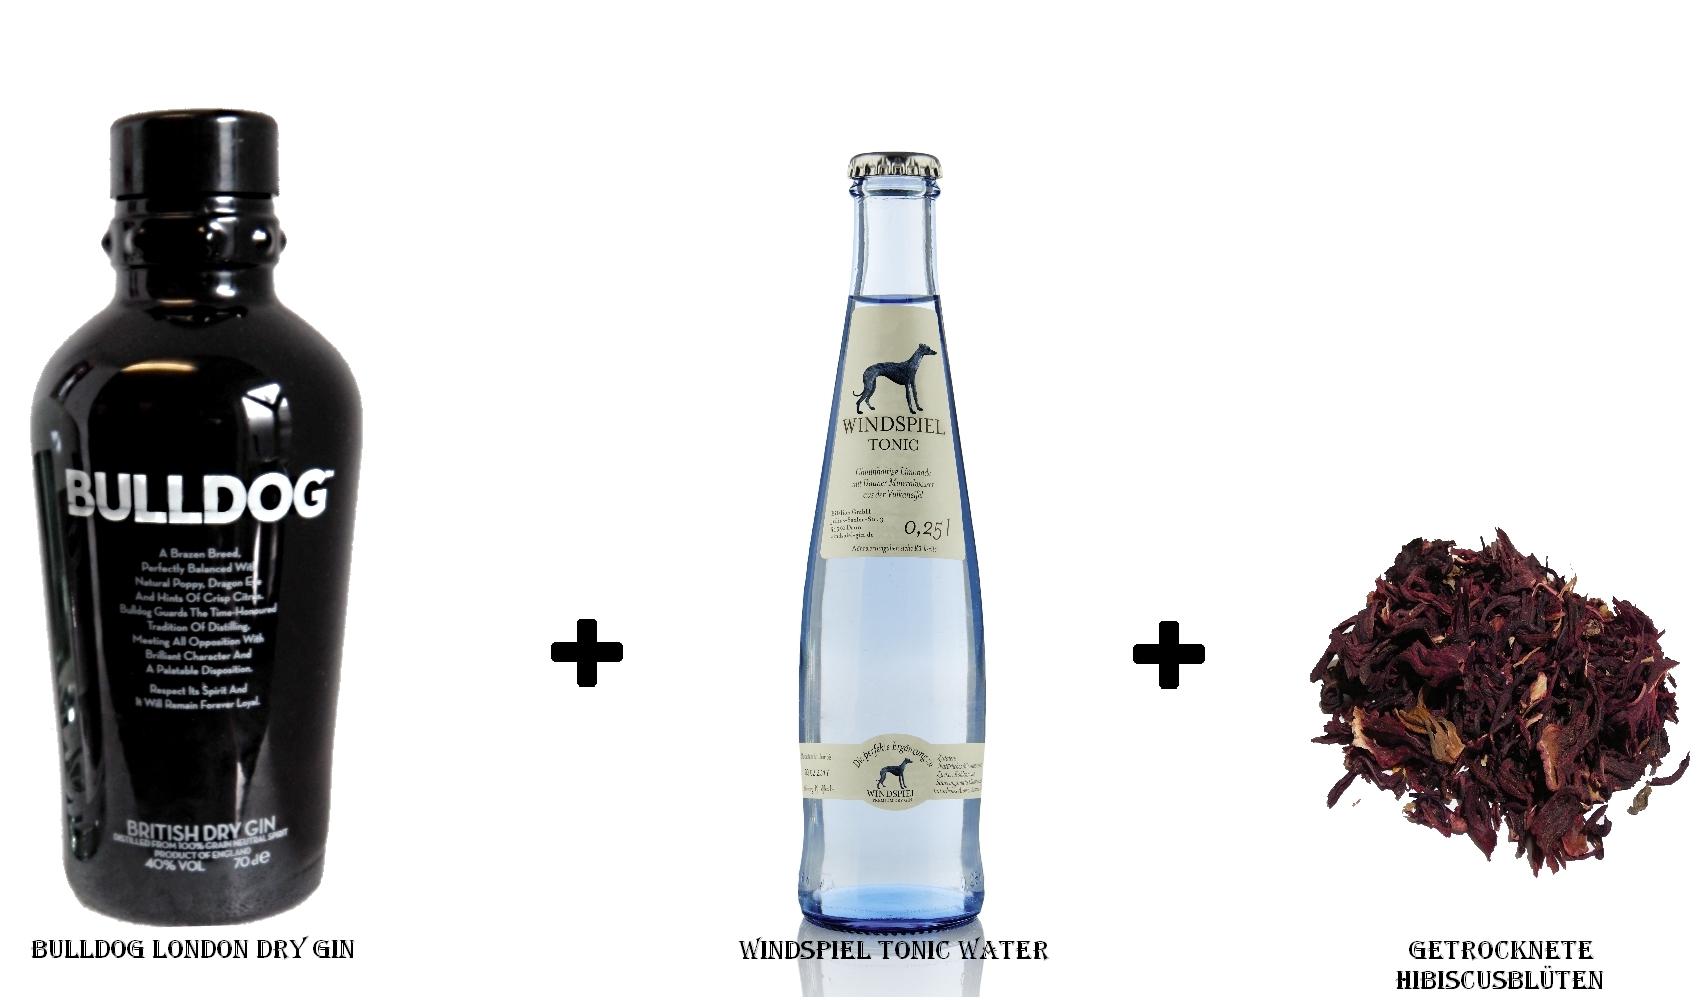 Bulldog London Dry Gin + Windspiel Tonic Water + getrocknete Hibiscusblüten